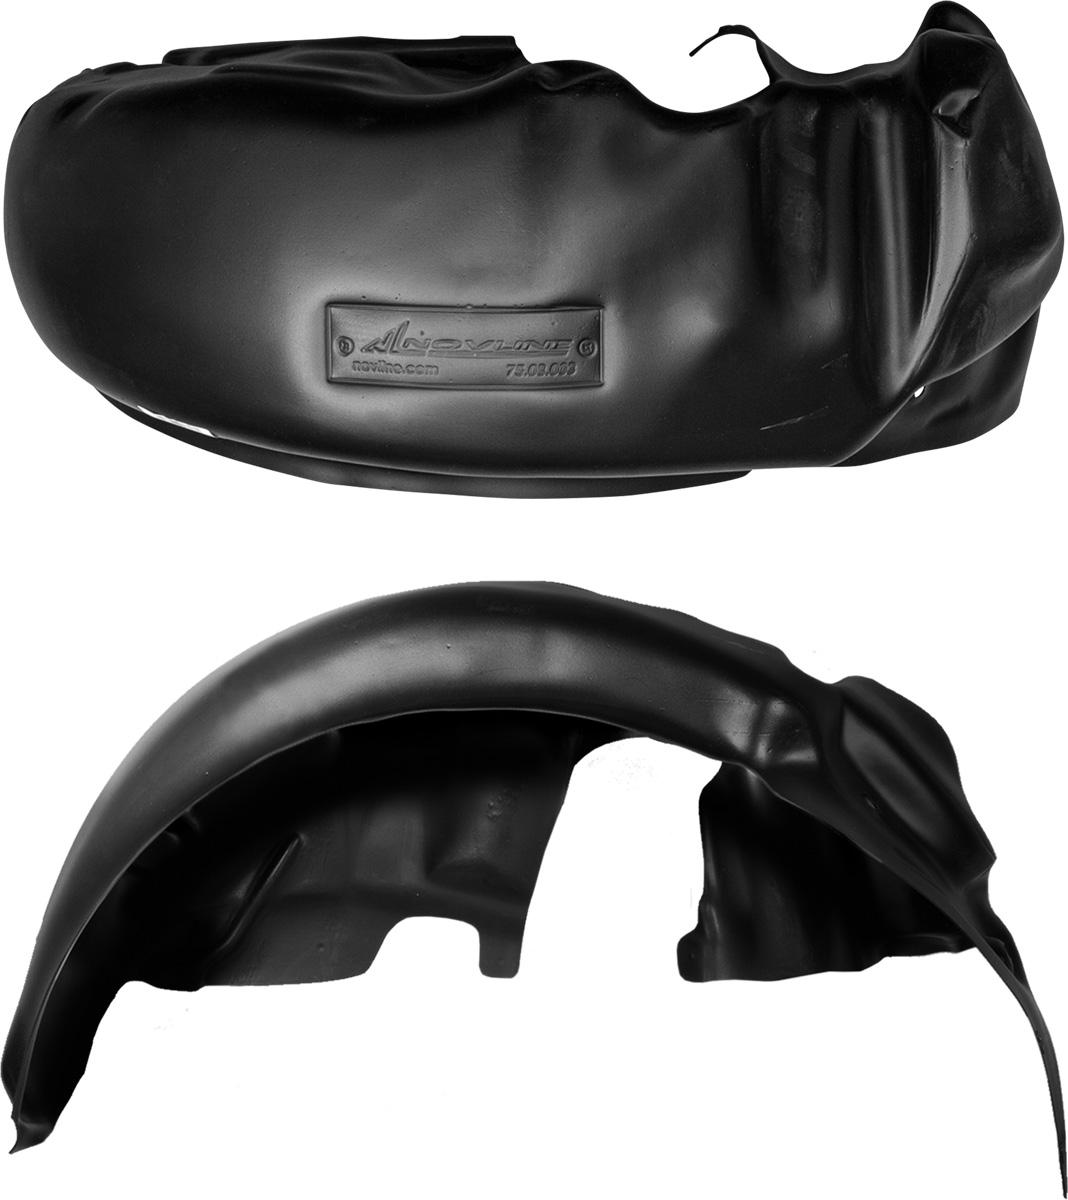 Подкрылок CHEVROLET NIVA 2009-2013, передний левыйNLL.52.17.001Колесные ниши – одни из самых уязвимых зон днища вашего автомобиля. Они постоянно подвергаются воздействию со стороны дороги. Лучшая, почти абсолютная защита для них - специально отформованные пластиковые кожухи, которые называются подкрылками, или локерами. Производятся они как для отечественных моделей автомобилей, так и для иномарок. Подкрылки выполнены из высококачественного, экологически чистого пластика. Обеспечивают надежную защиту кузова автомобиля от пескоструйного эффекта и негативного влияния, агрессивных антигололедных реагентов. Пластик обладает более низкой теплопроводностью, чем металл, поэтому в зимний период эксплуатации использование пластиковых подкрылков позволяет лучше защитить колесные ниши от налипания снега и образования наледи. Оригинальность конструкции подчеркивает элегантность автомобиля, бережно защищает нанесенное на днище кузова антикоррозийное покрытие и позволяет осуществить крепление подкрылков внутри колесной арки практически без дополнительного...